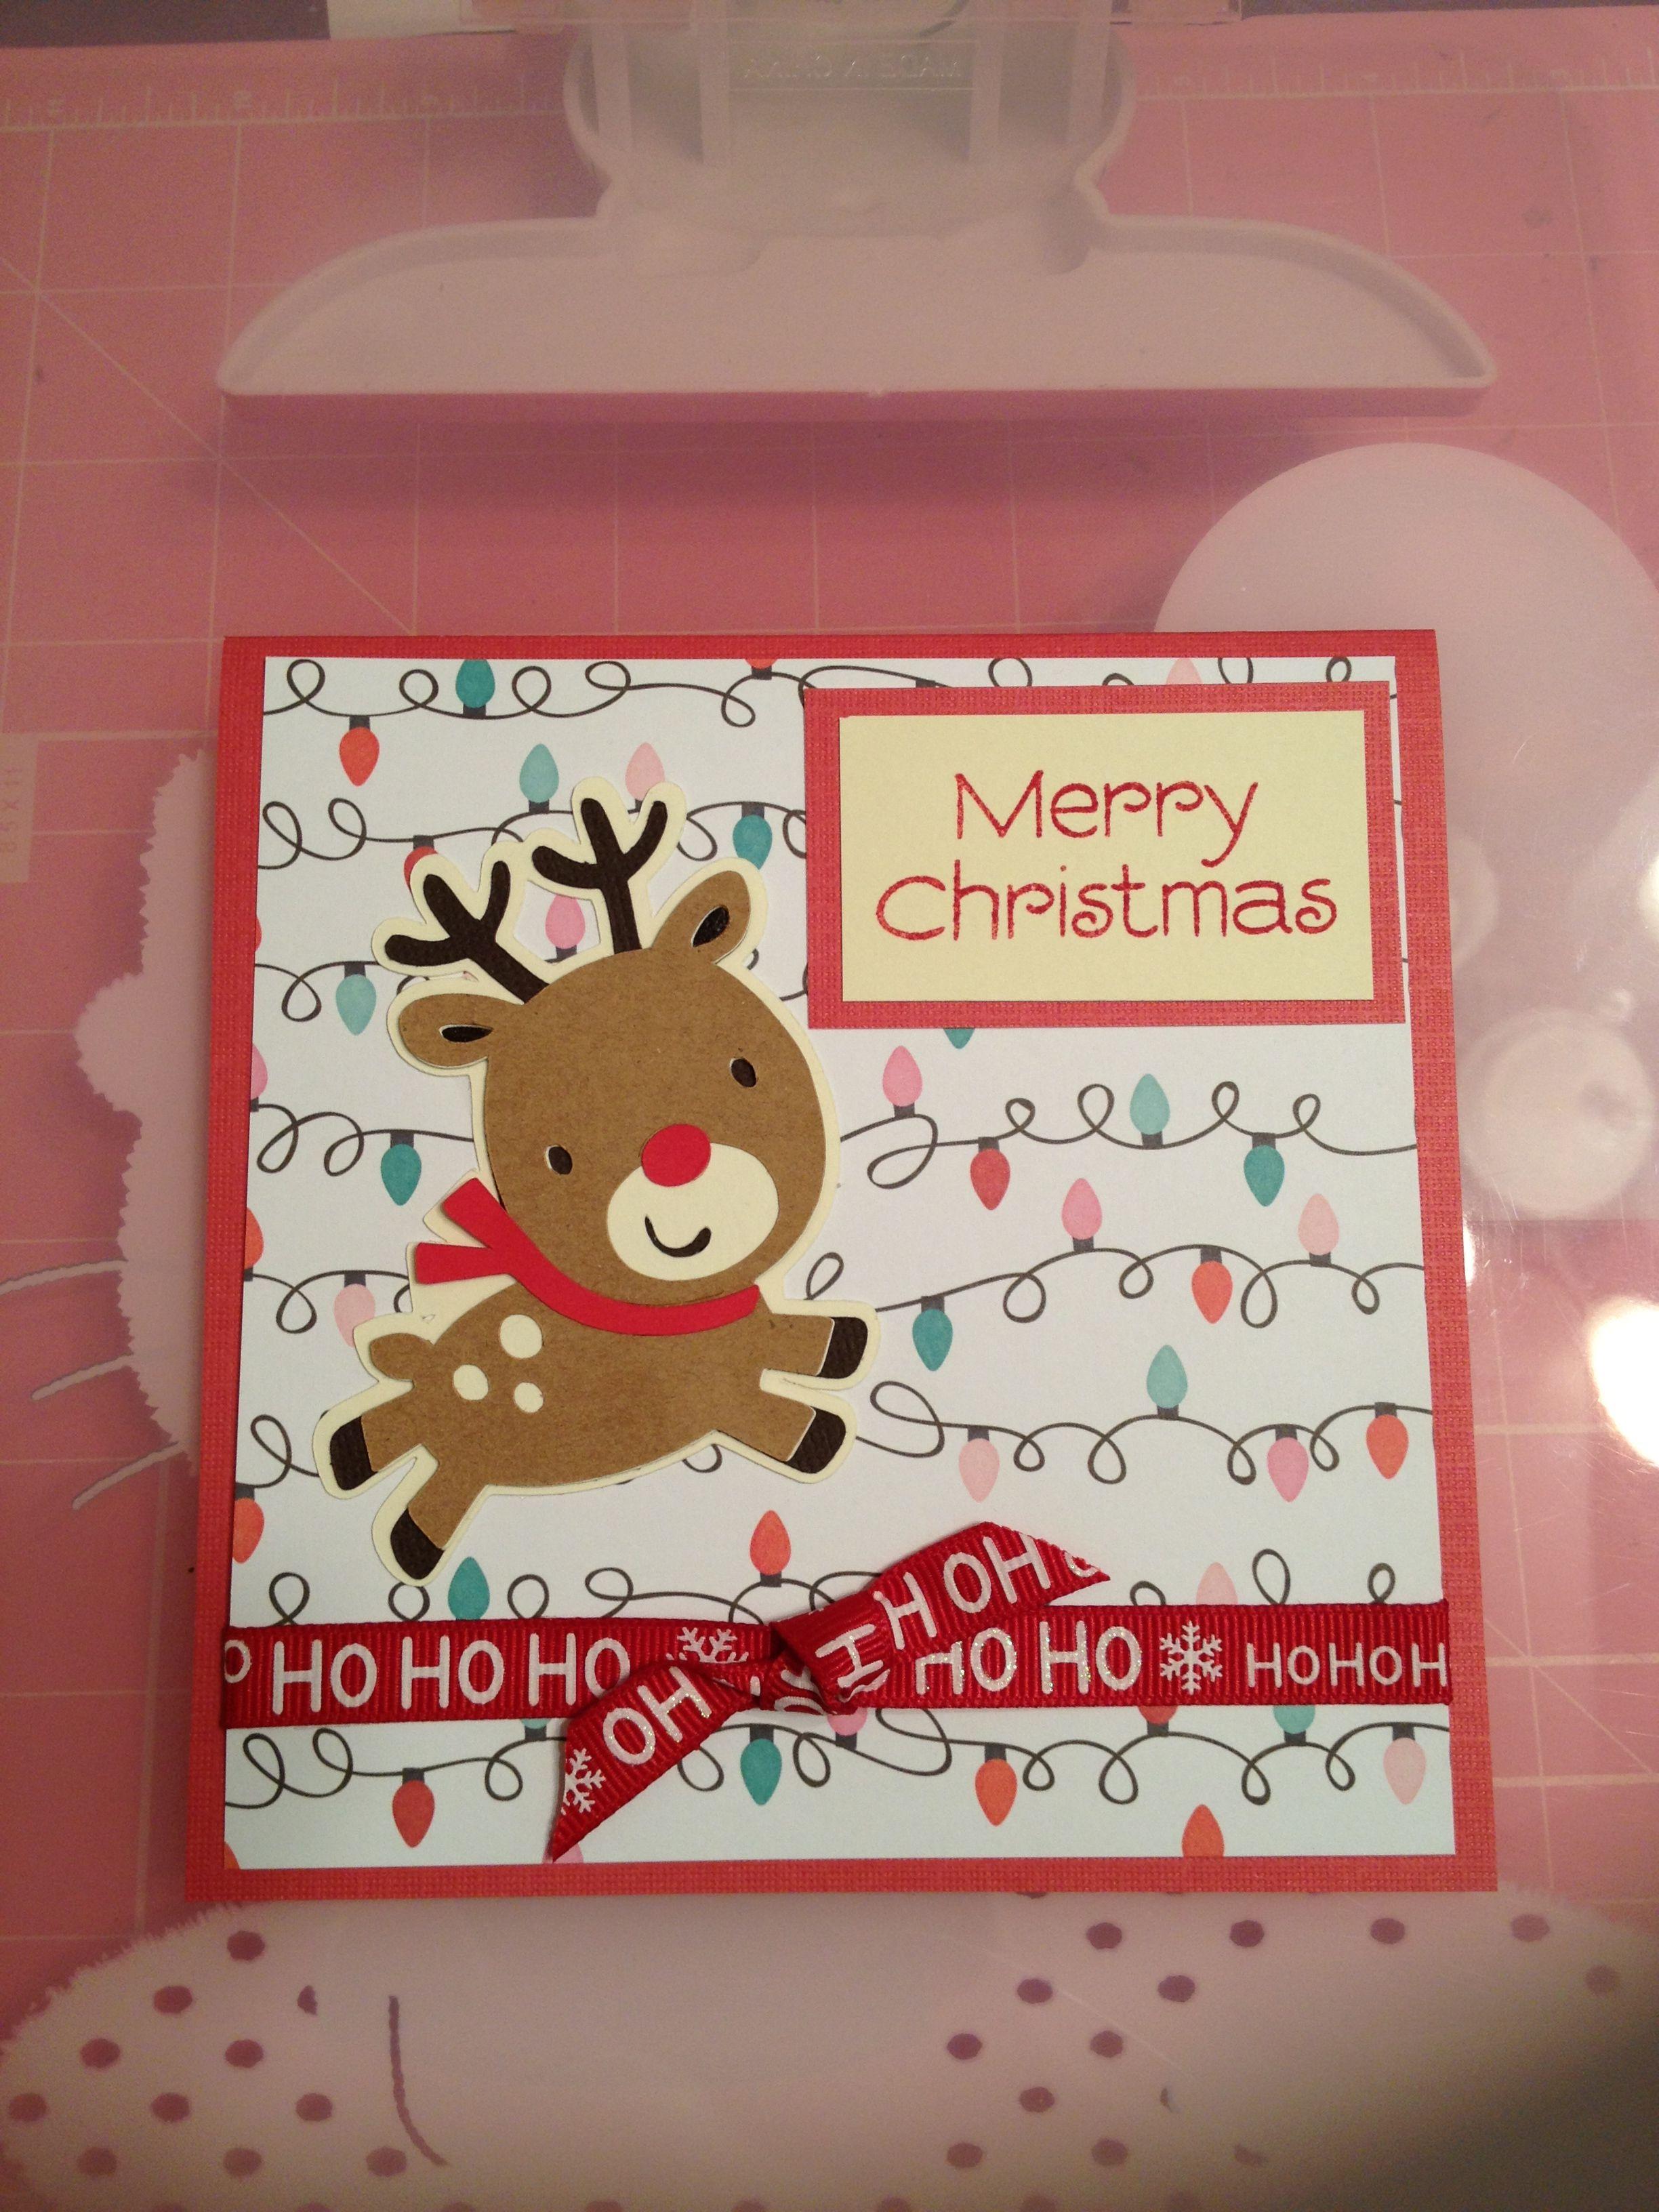 Christmas card cricut ideas holliday decorations for Christmas card ideas on pinterest